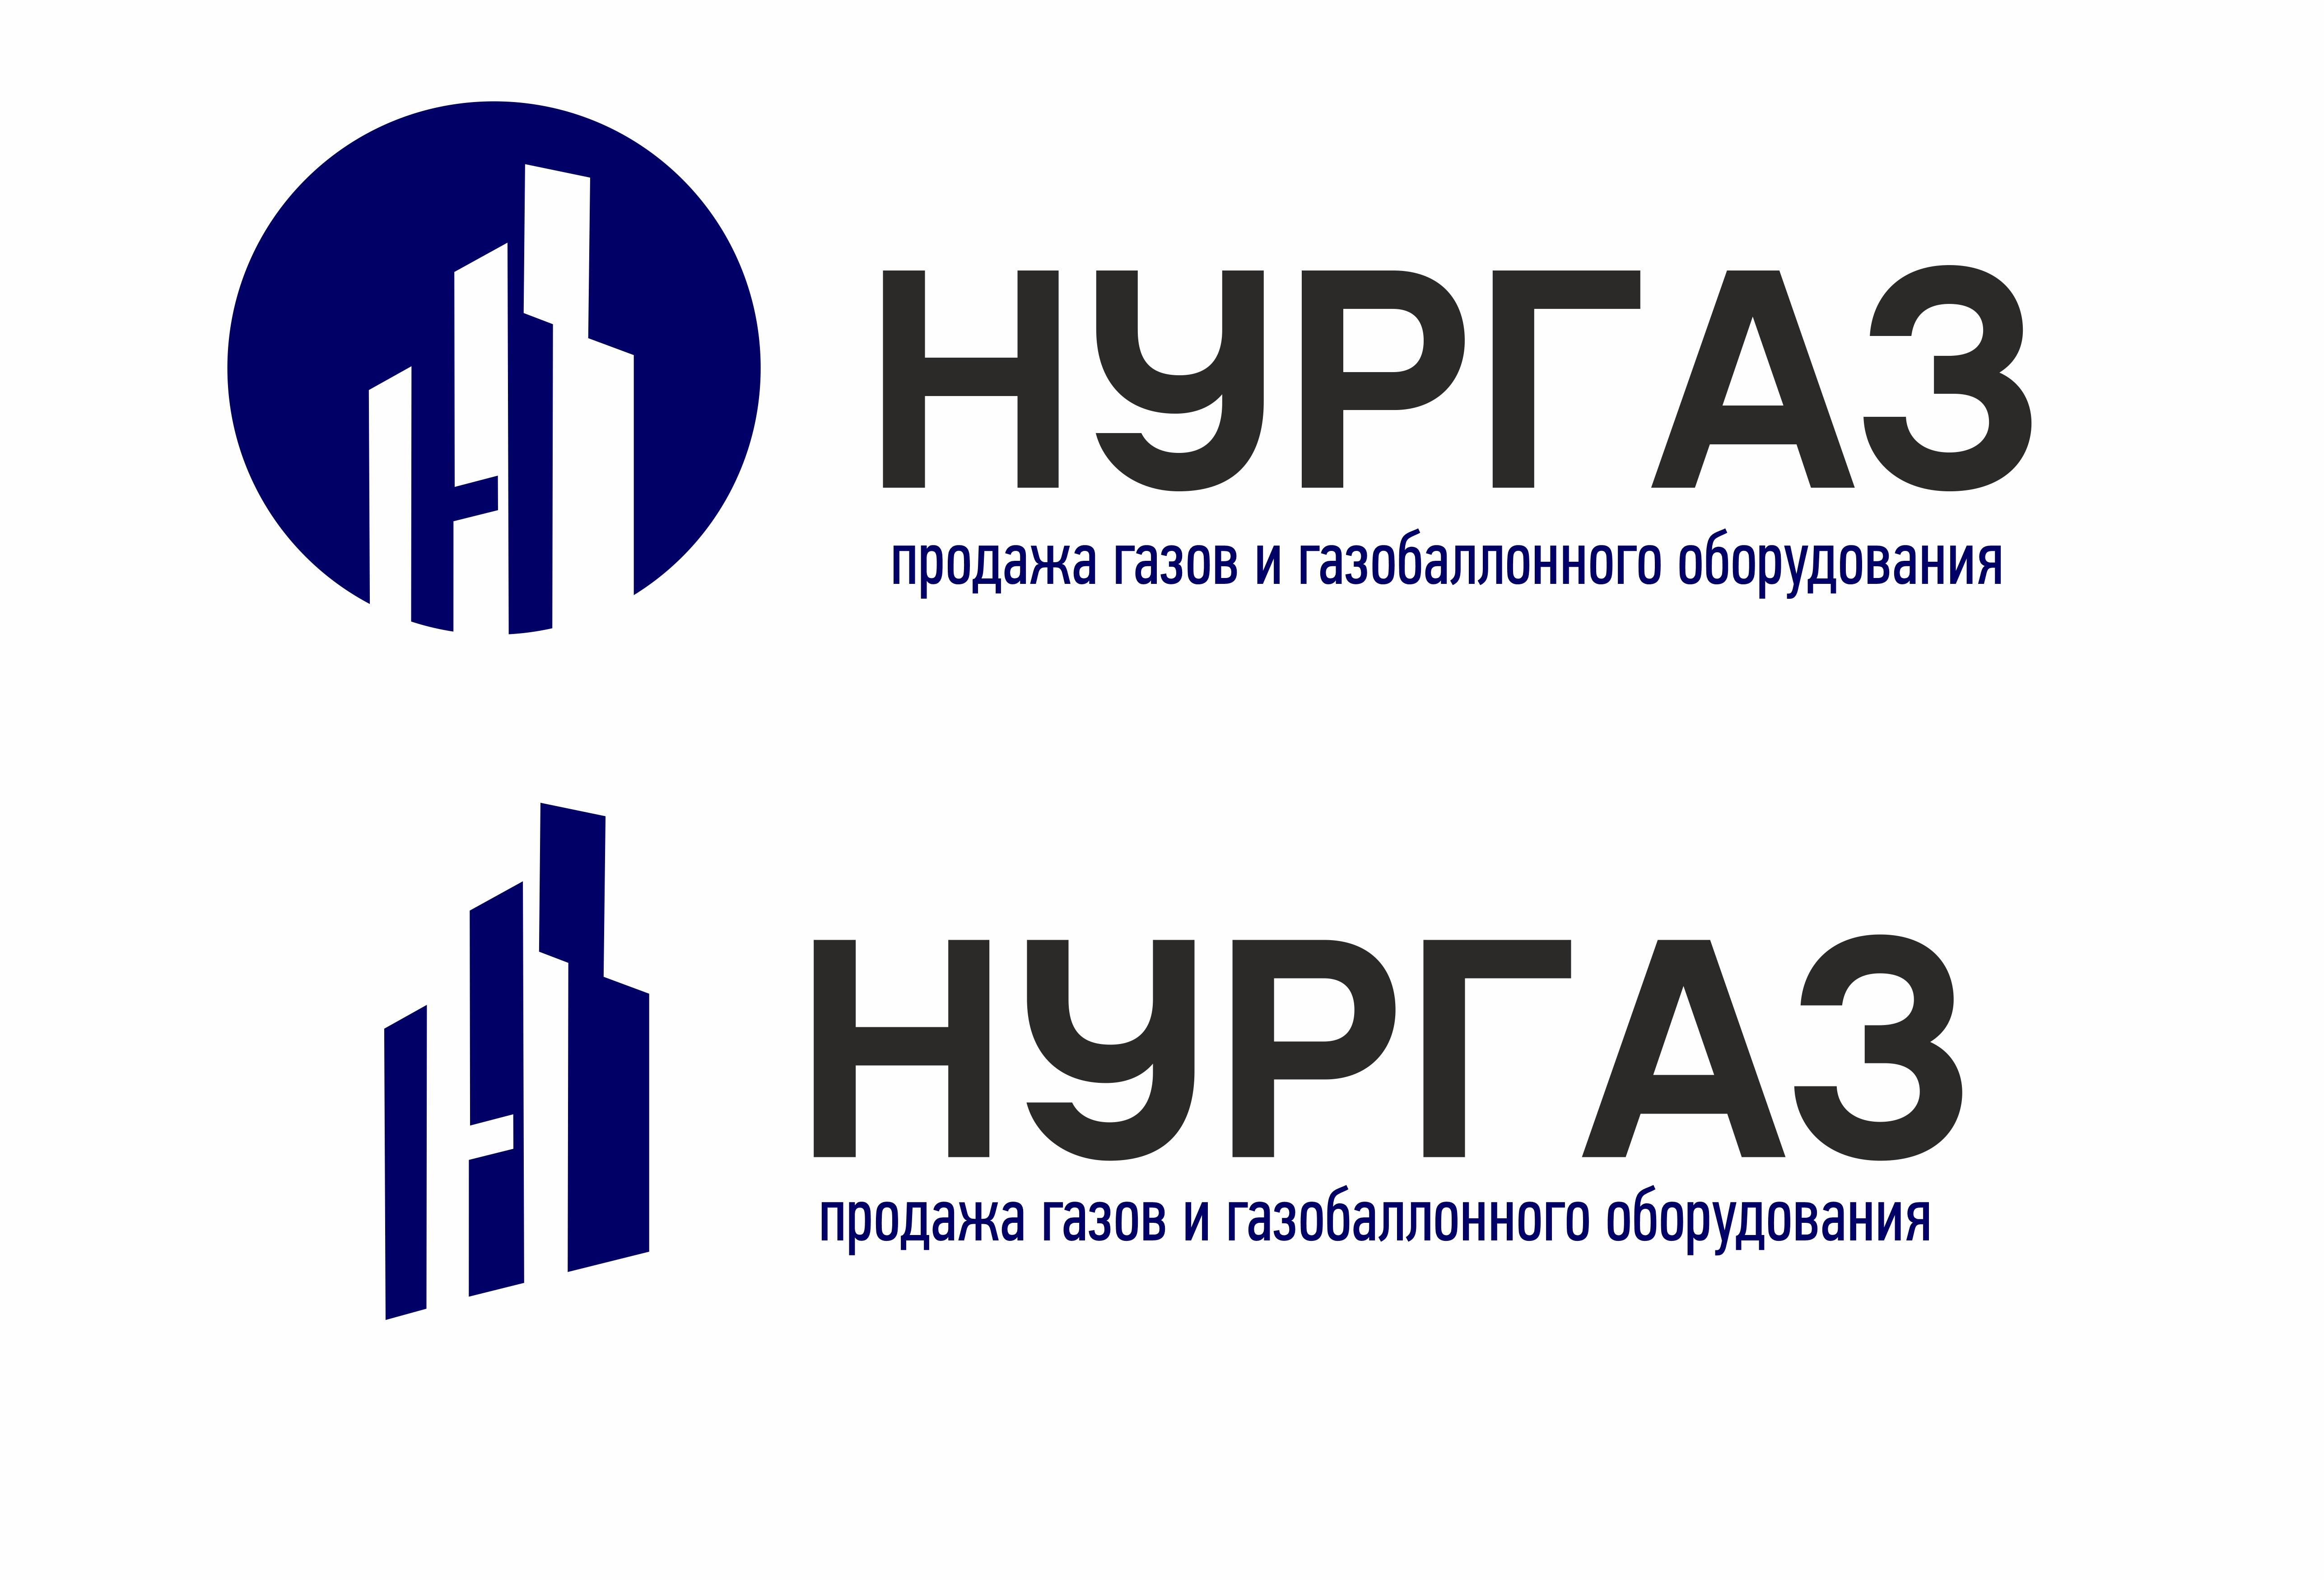 Разработка логотипа и фирменного стиля фото f_0475da56b968f237.jpg